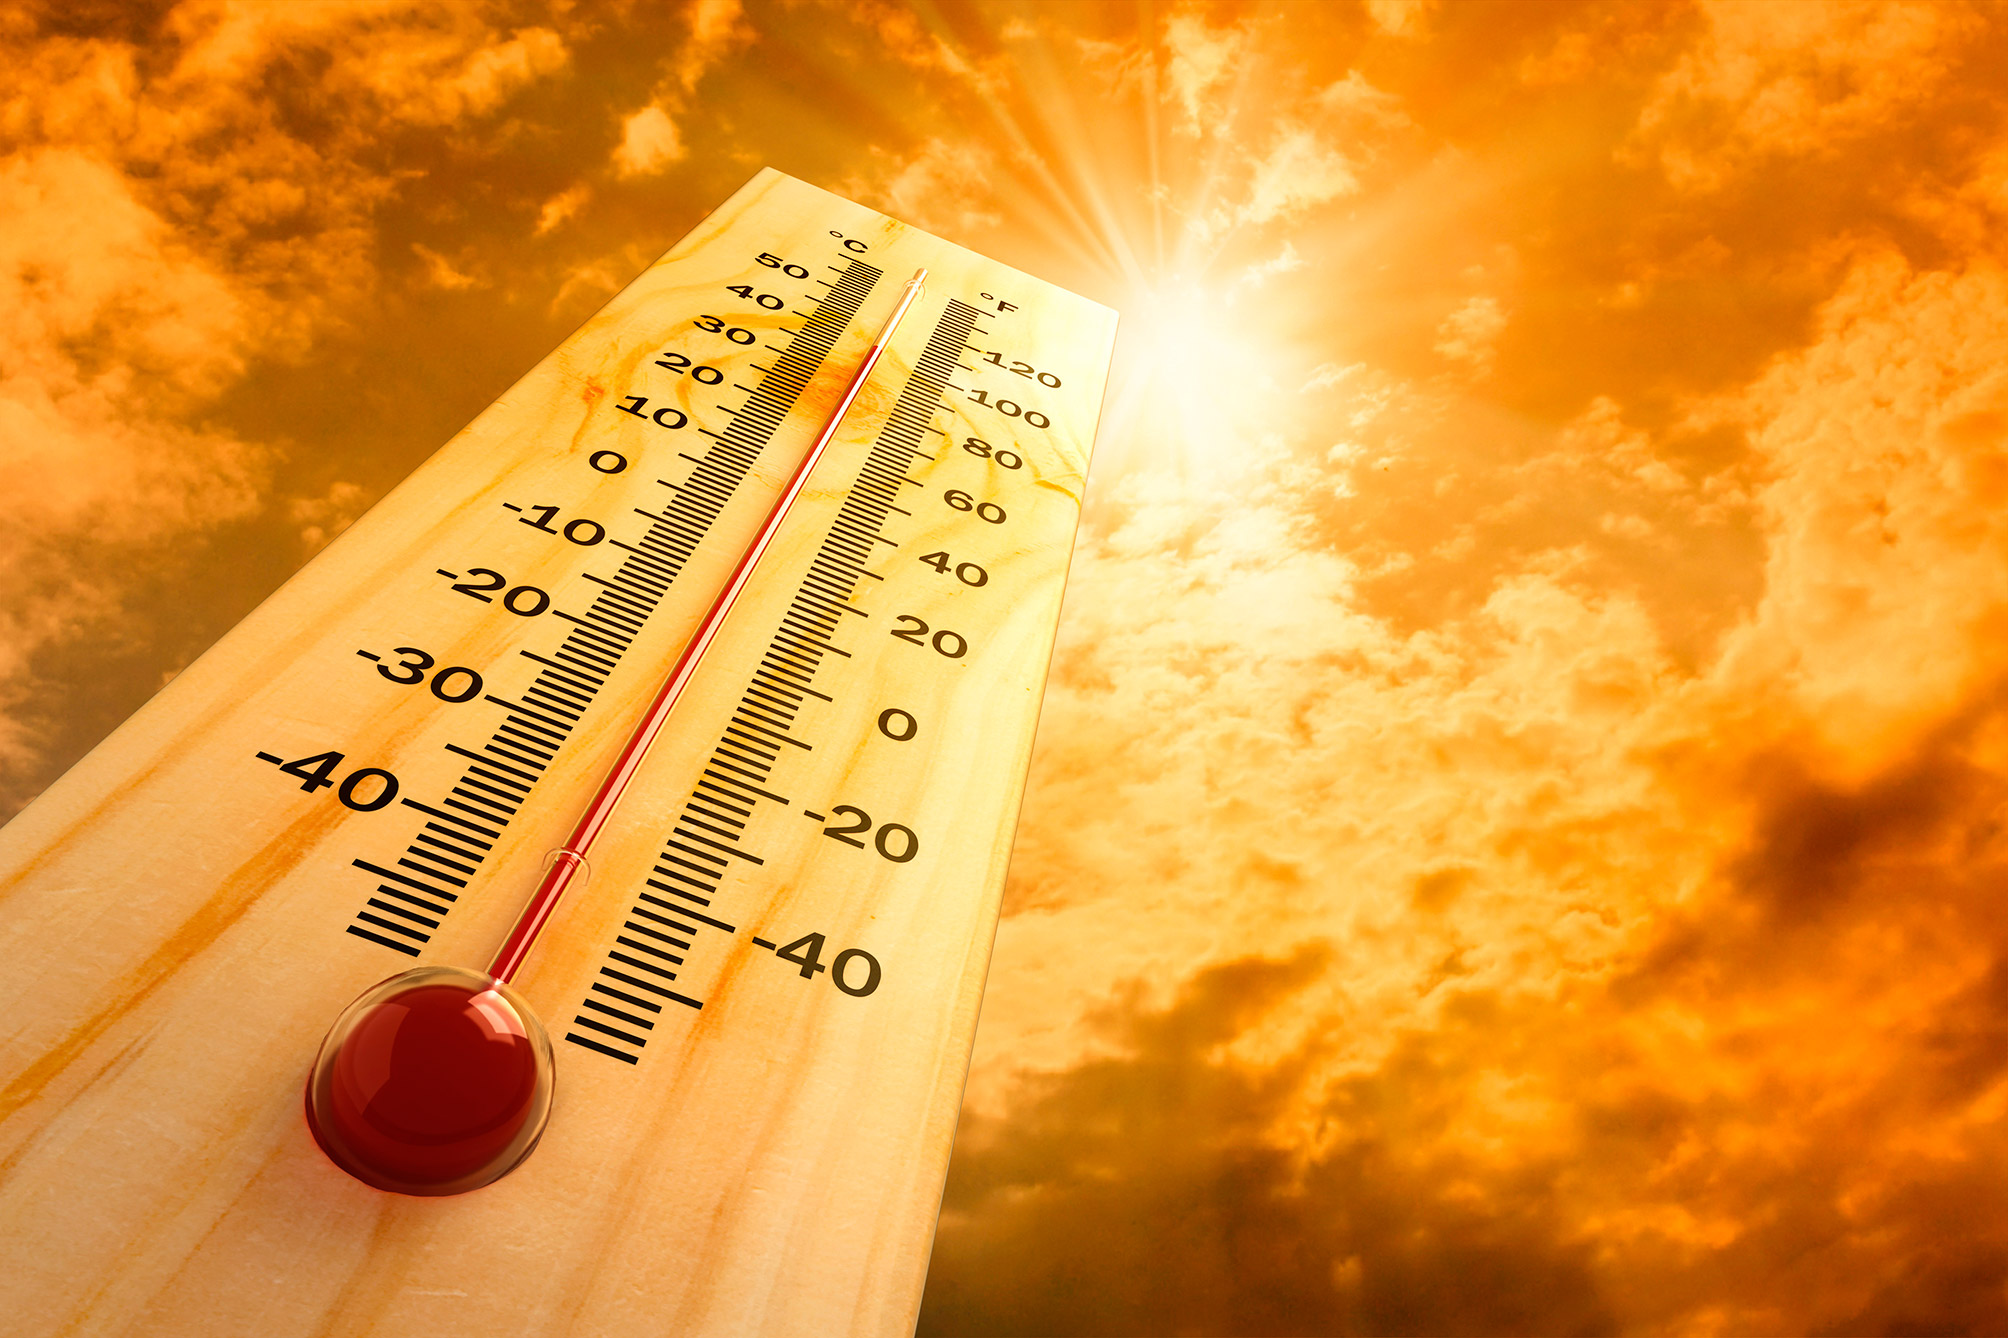 Синоптики прогнозируют температурные аномалии в России до конца месяца